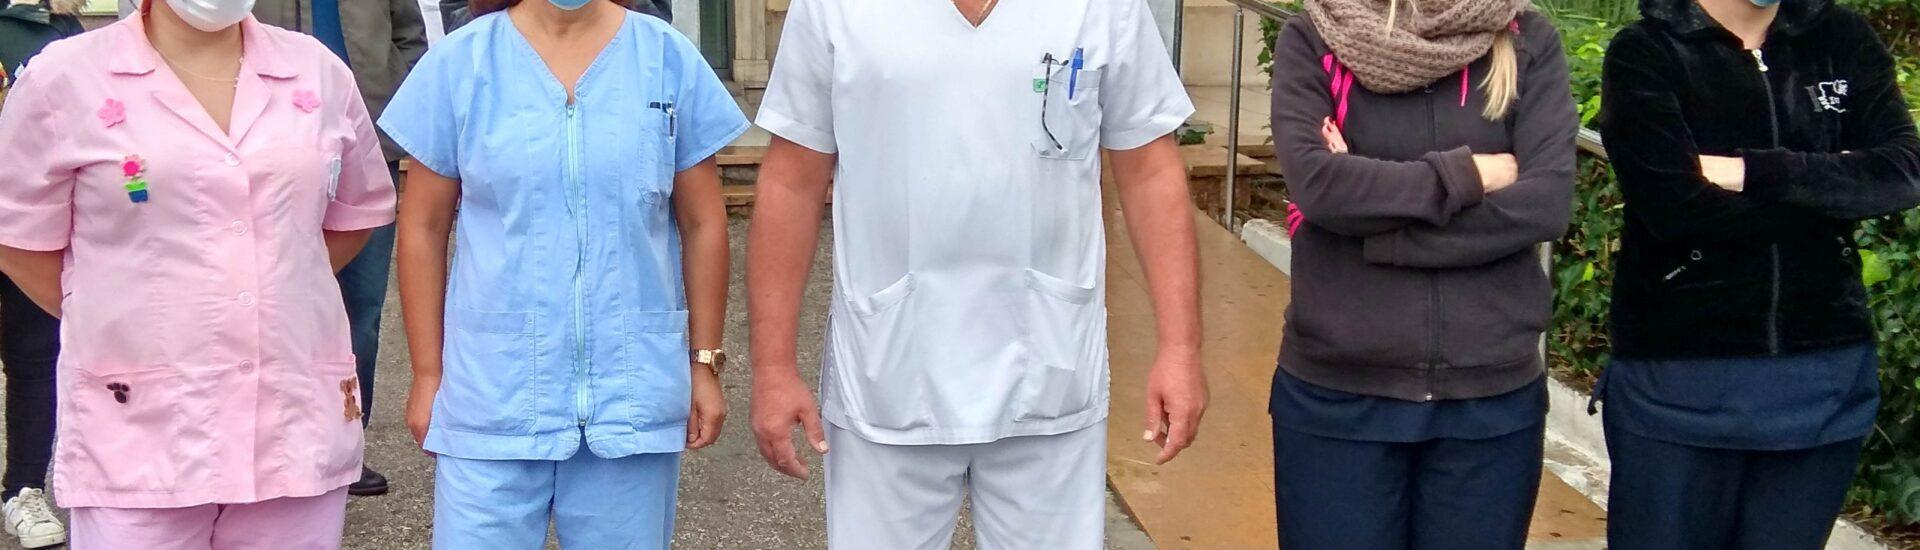 Υγειονομικοί Πρωτοβάθμιας Φροντίδας Υγείας: Απαιτούν άμεσες προσλήψεις προσωπικού σε Νοσοκομεία και Κέντρα Υγείας